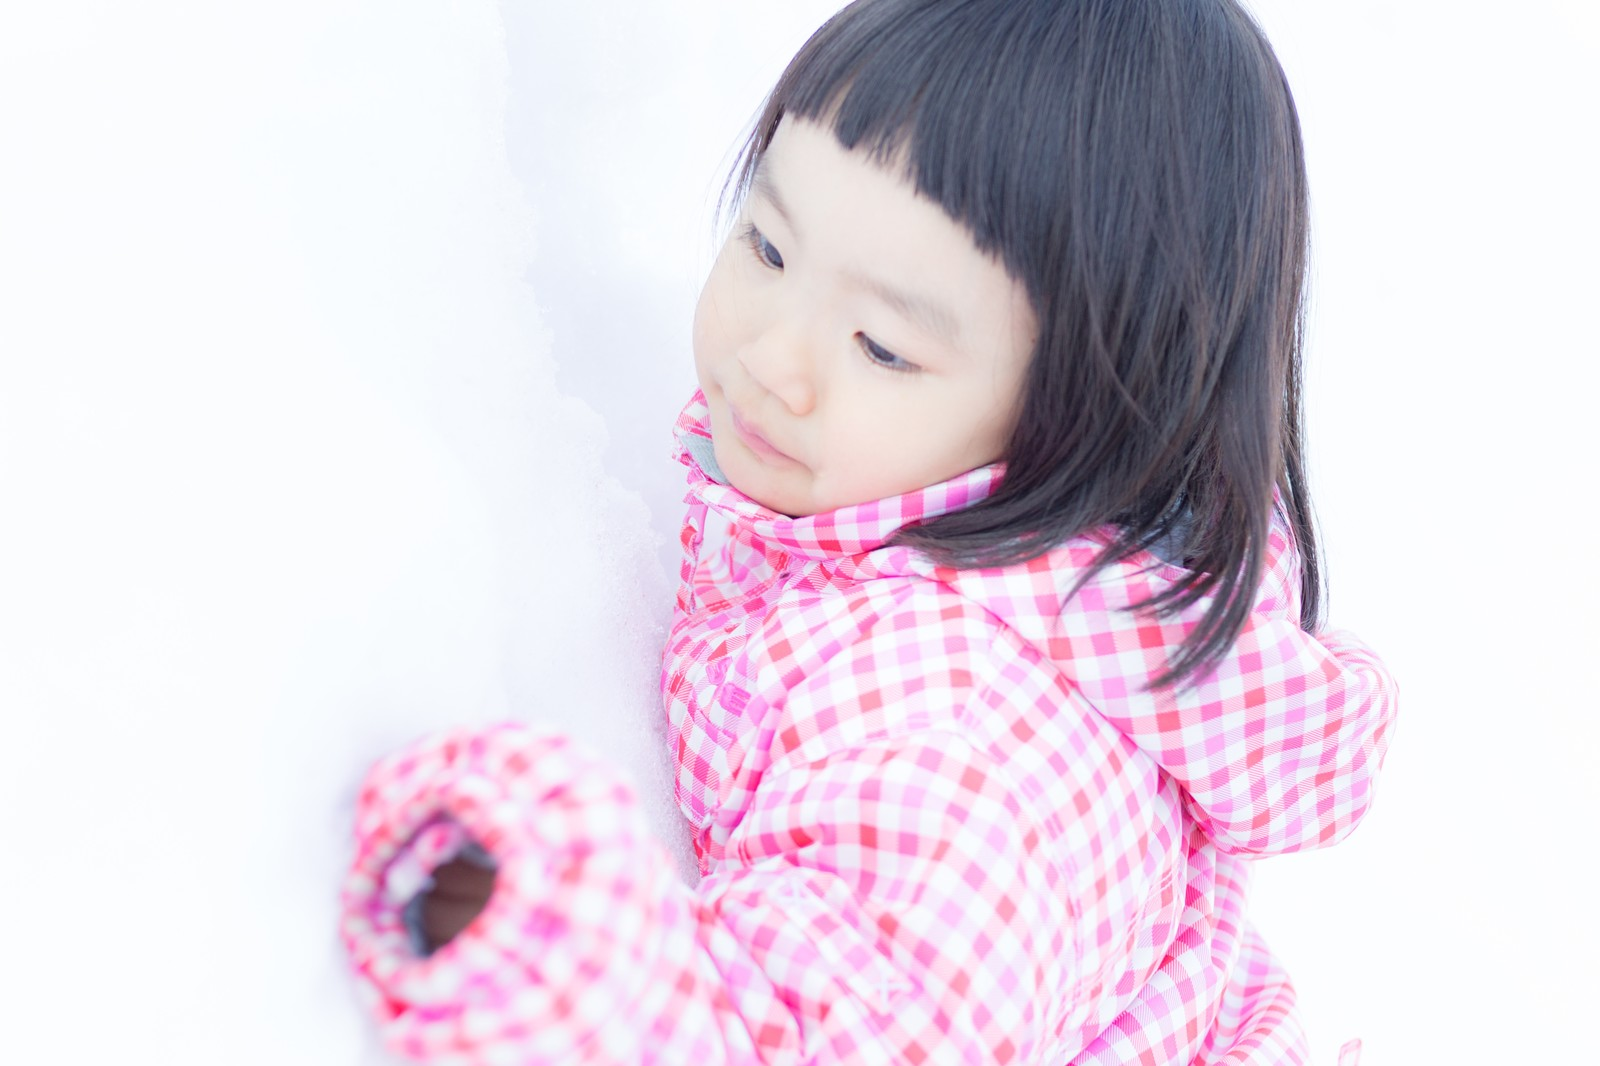 「雪が積もったよ(子供)」の写真[モデル:あんじゅ]